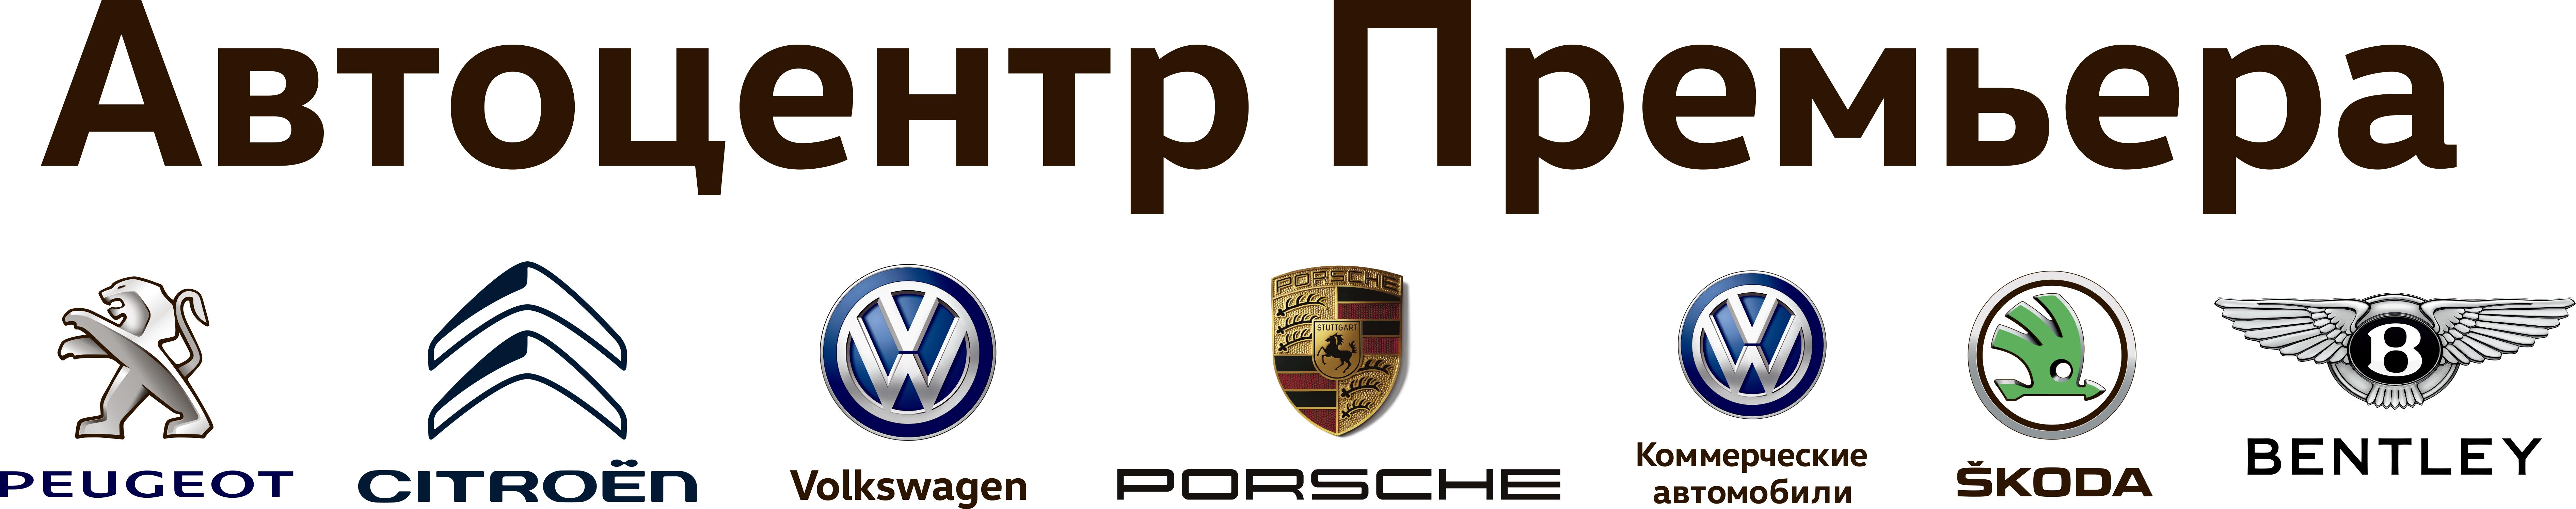 Автоцентр Премьера – новый спонсор команды